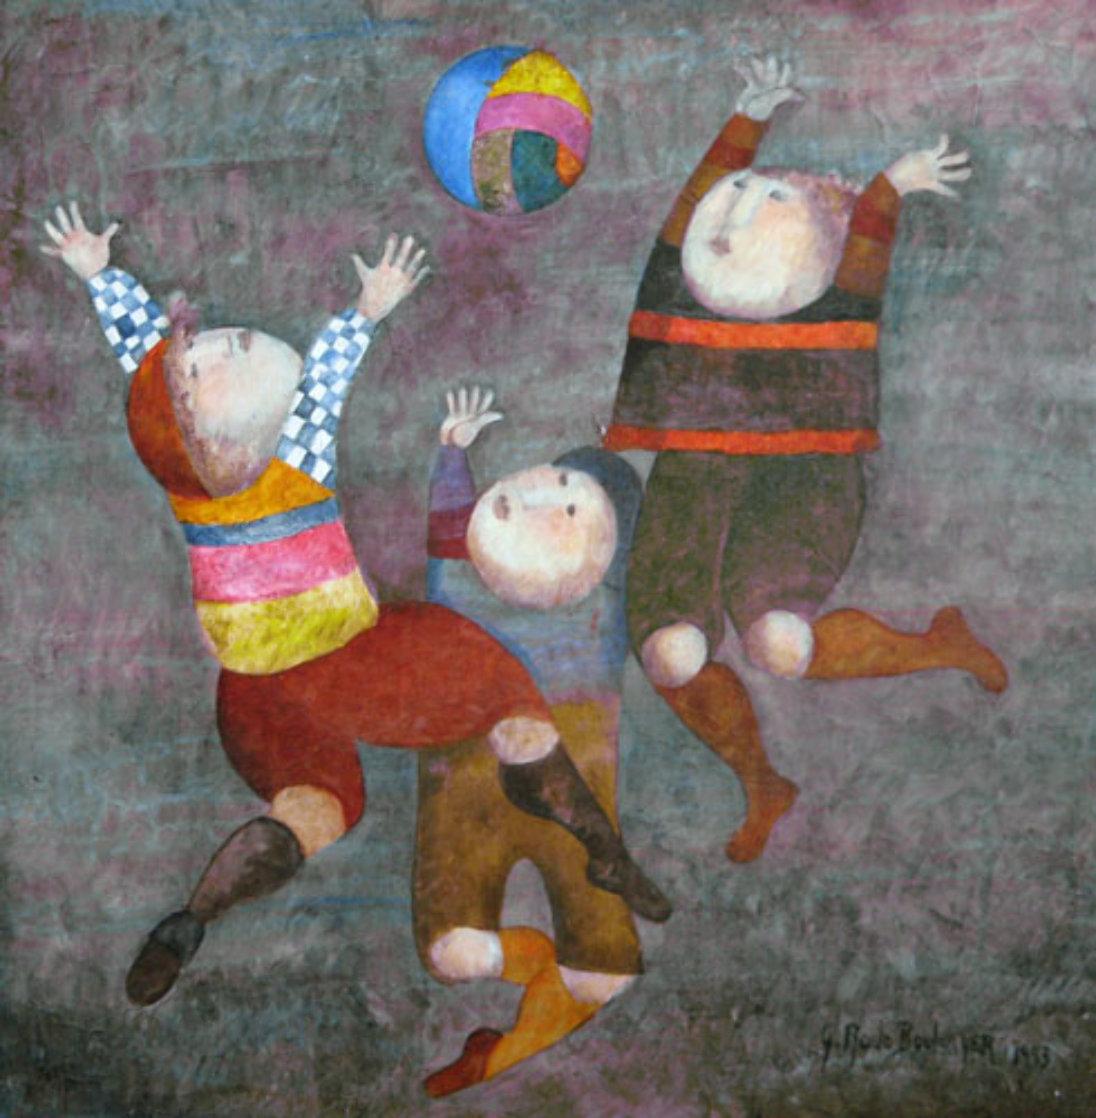 Jeu de Ballon 1993 20x20 Original Painting by Graciela Rodo Boulanger